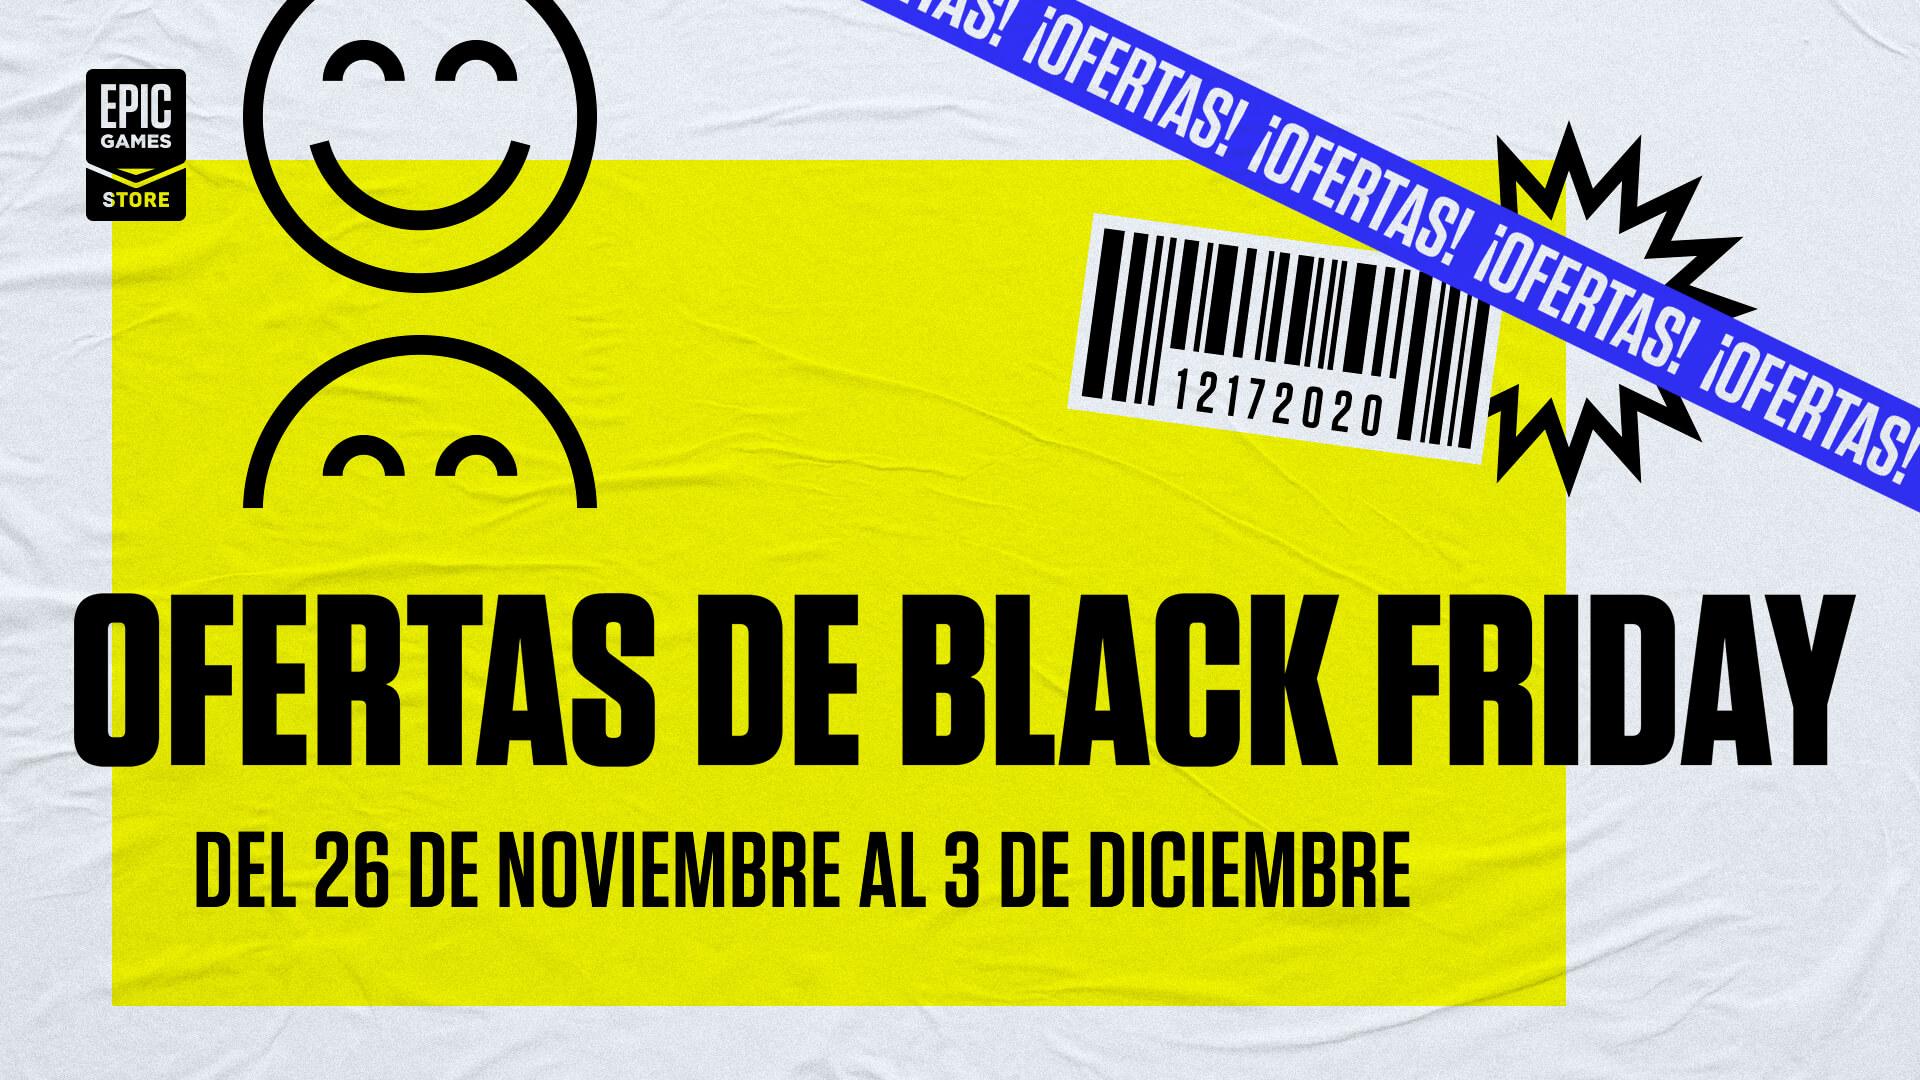 Muy) pronto: ¡ofertas de Black Friday 2020!